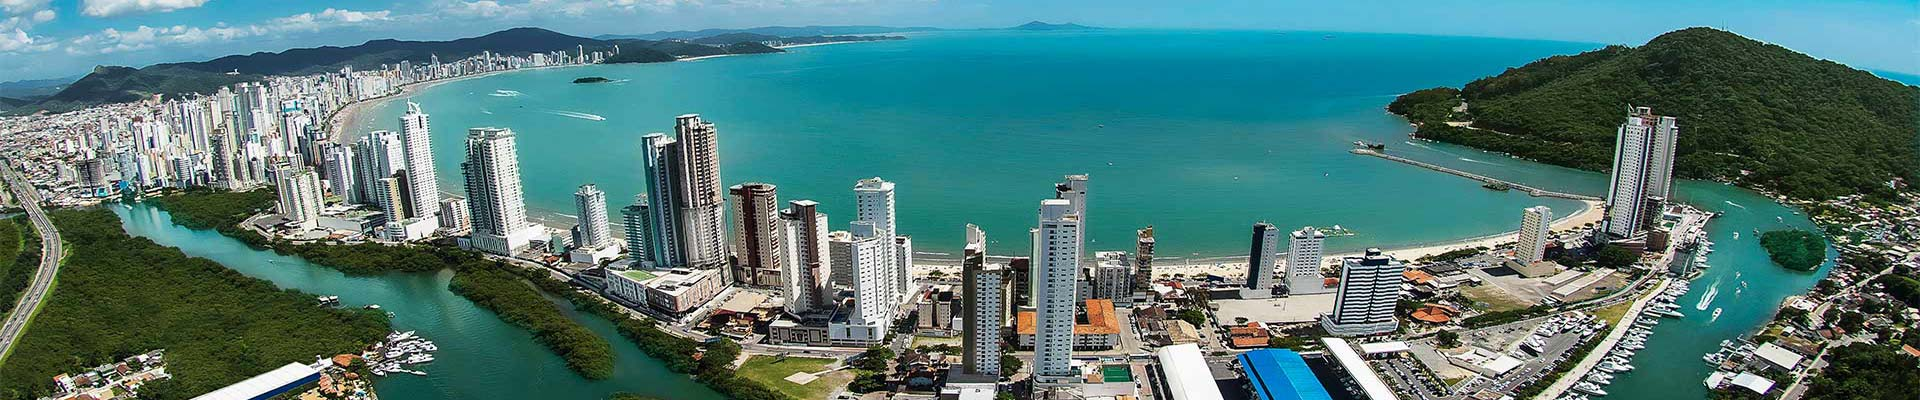 Vista aérea da cidade de Balneário Camboriú, em Santa Catarina, sul do Brasil, com sua principal praia ao fundo.